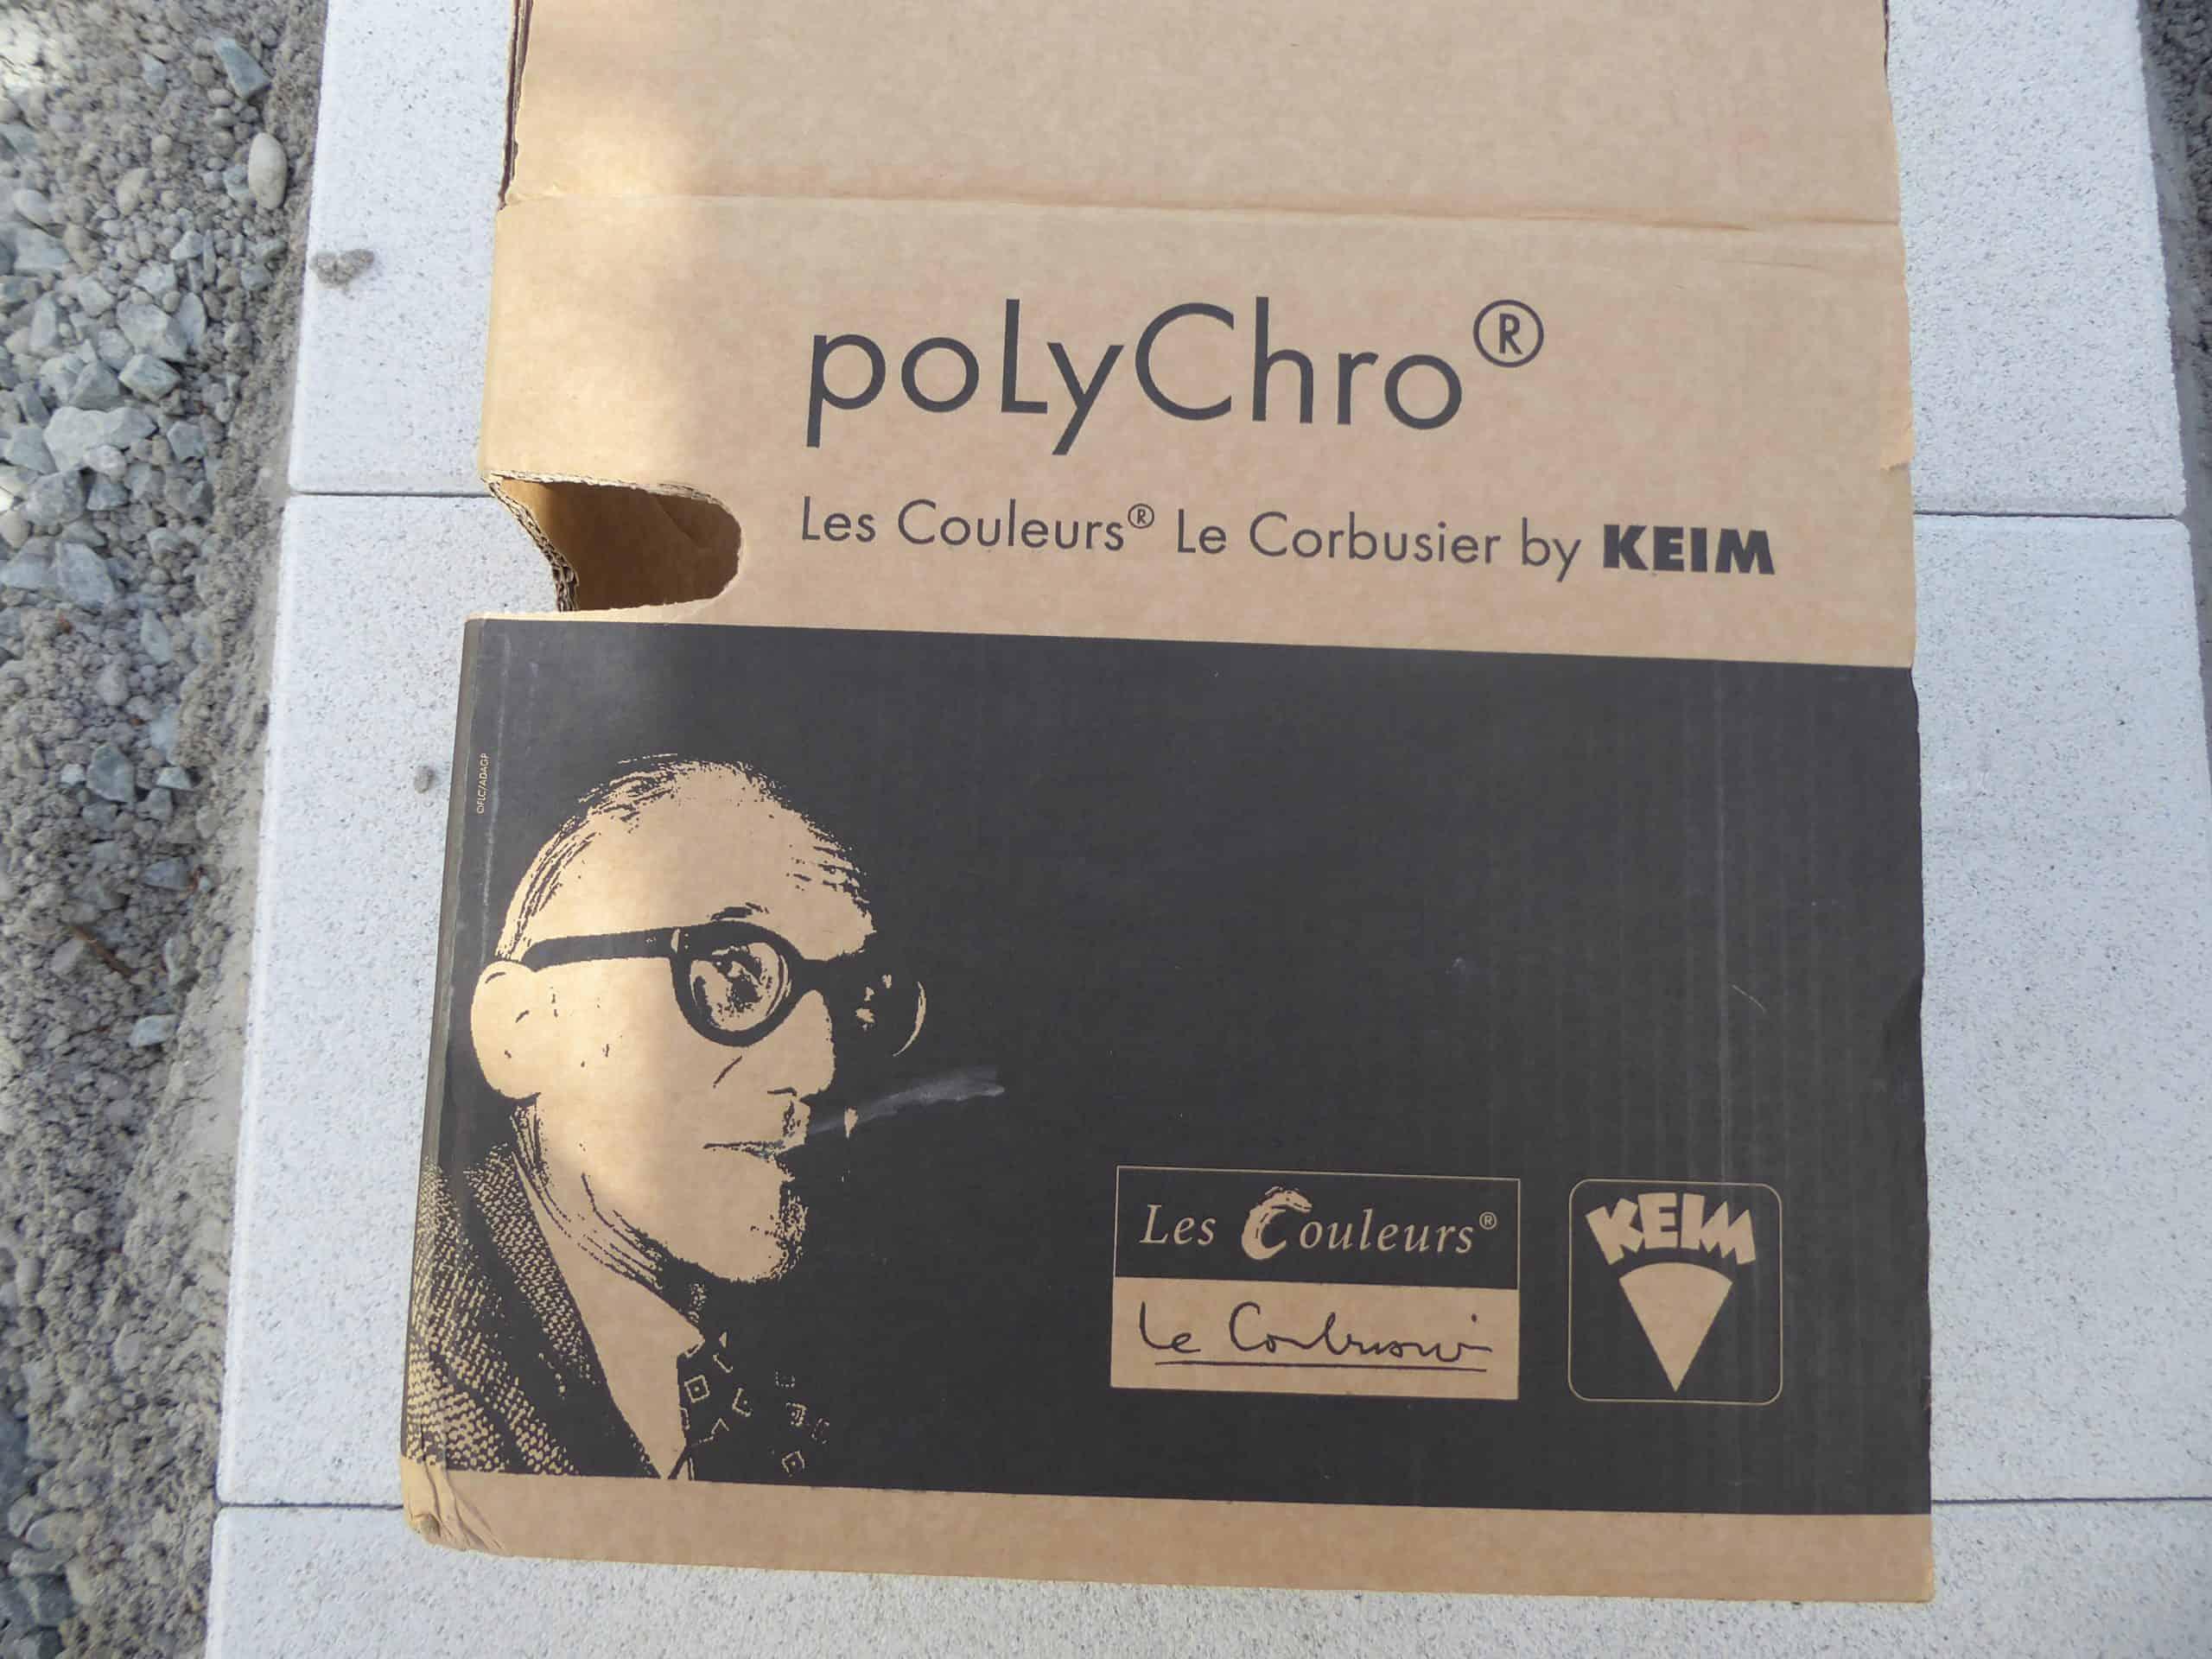 KEIM poLyChro® Les Couleurs® Le Corbusier – Fassadenfarbe